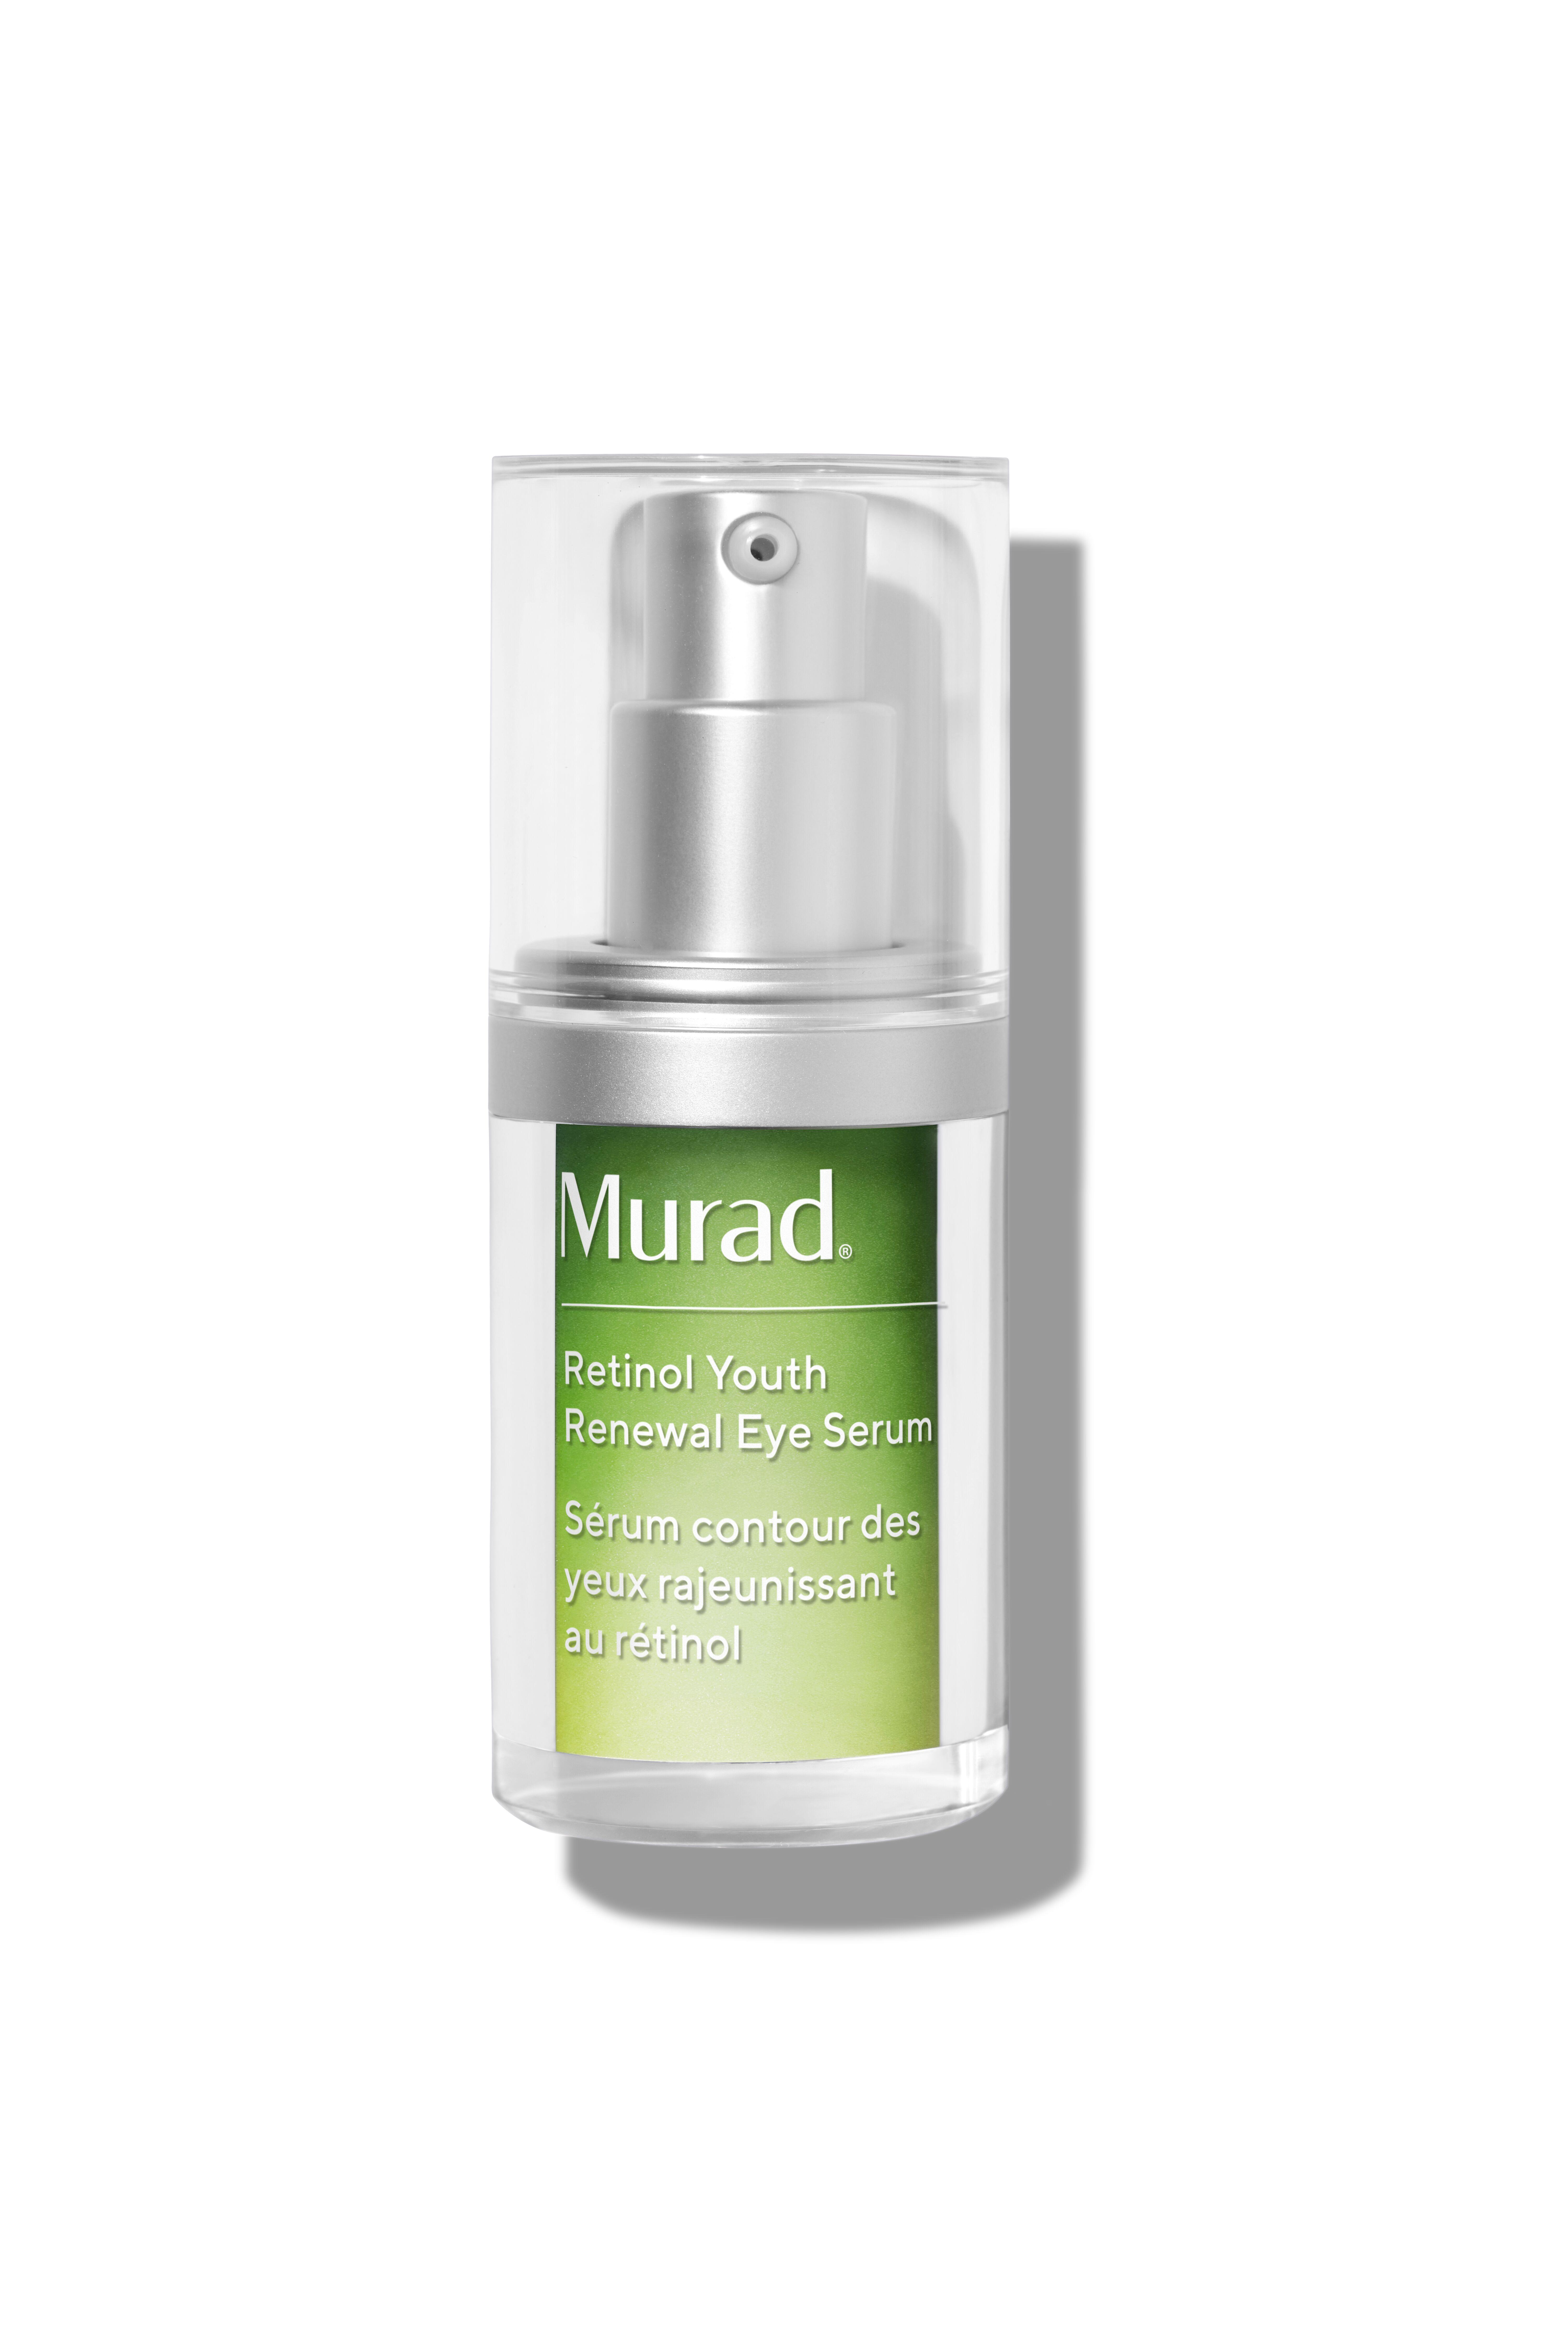 Murad Retinol Youth Renewal Eye Serum, 15 ml